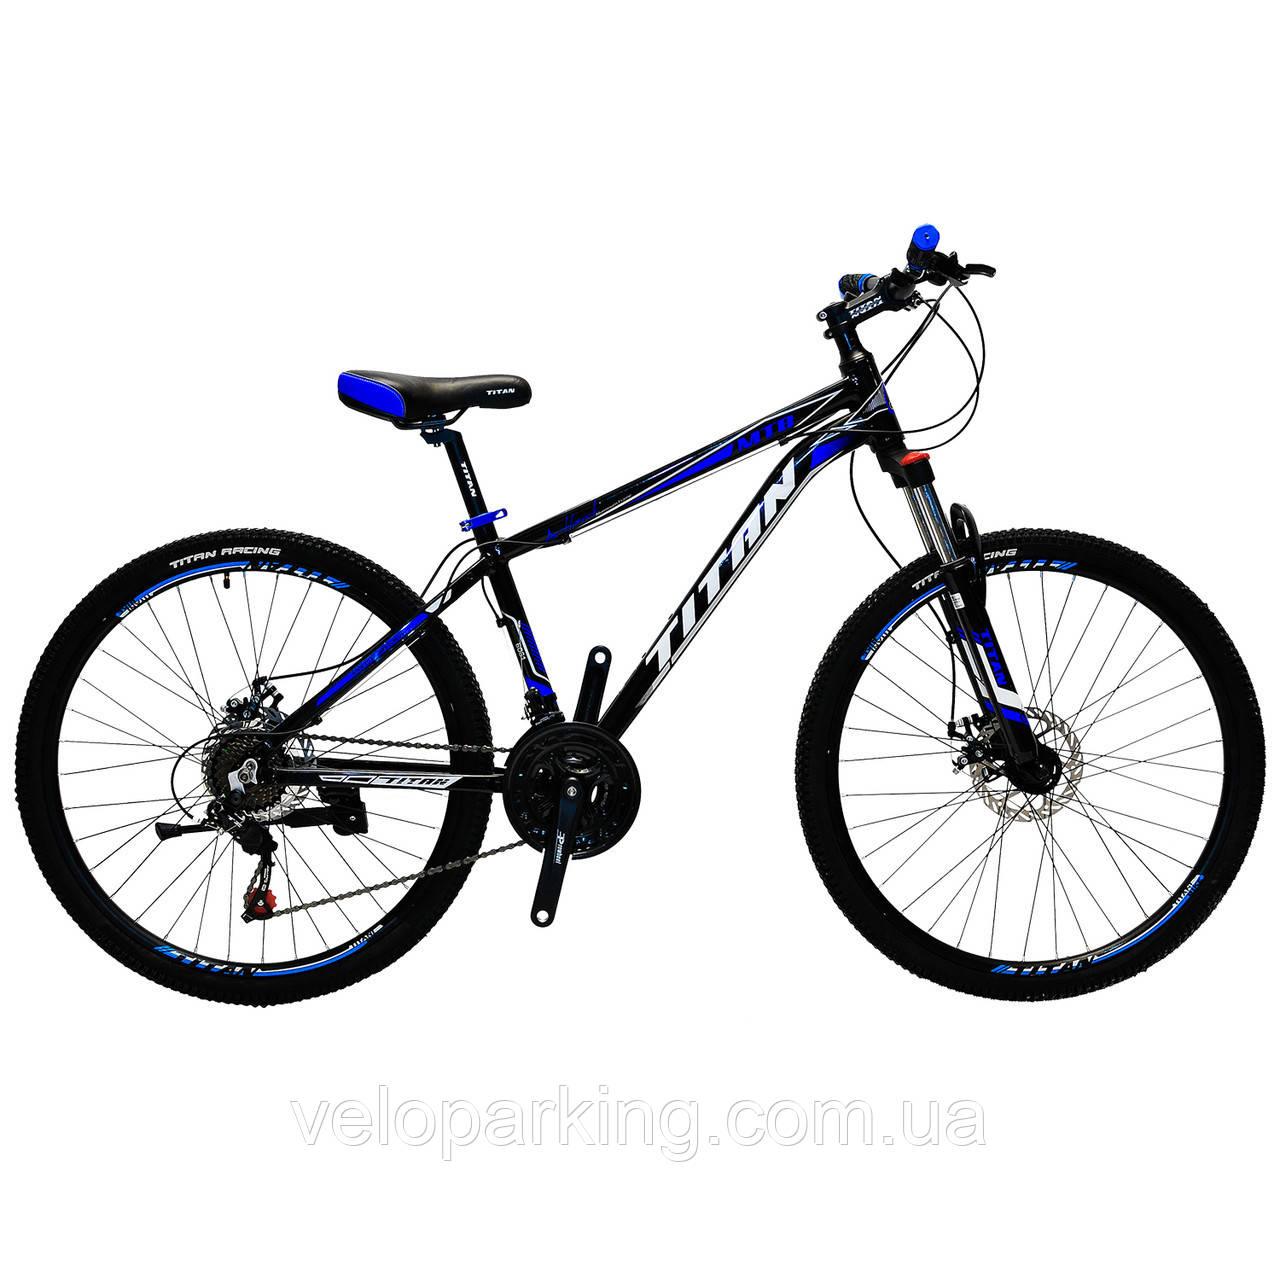 Горный алюминиевый велосипед Titan Atlant 26″ (2018) new